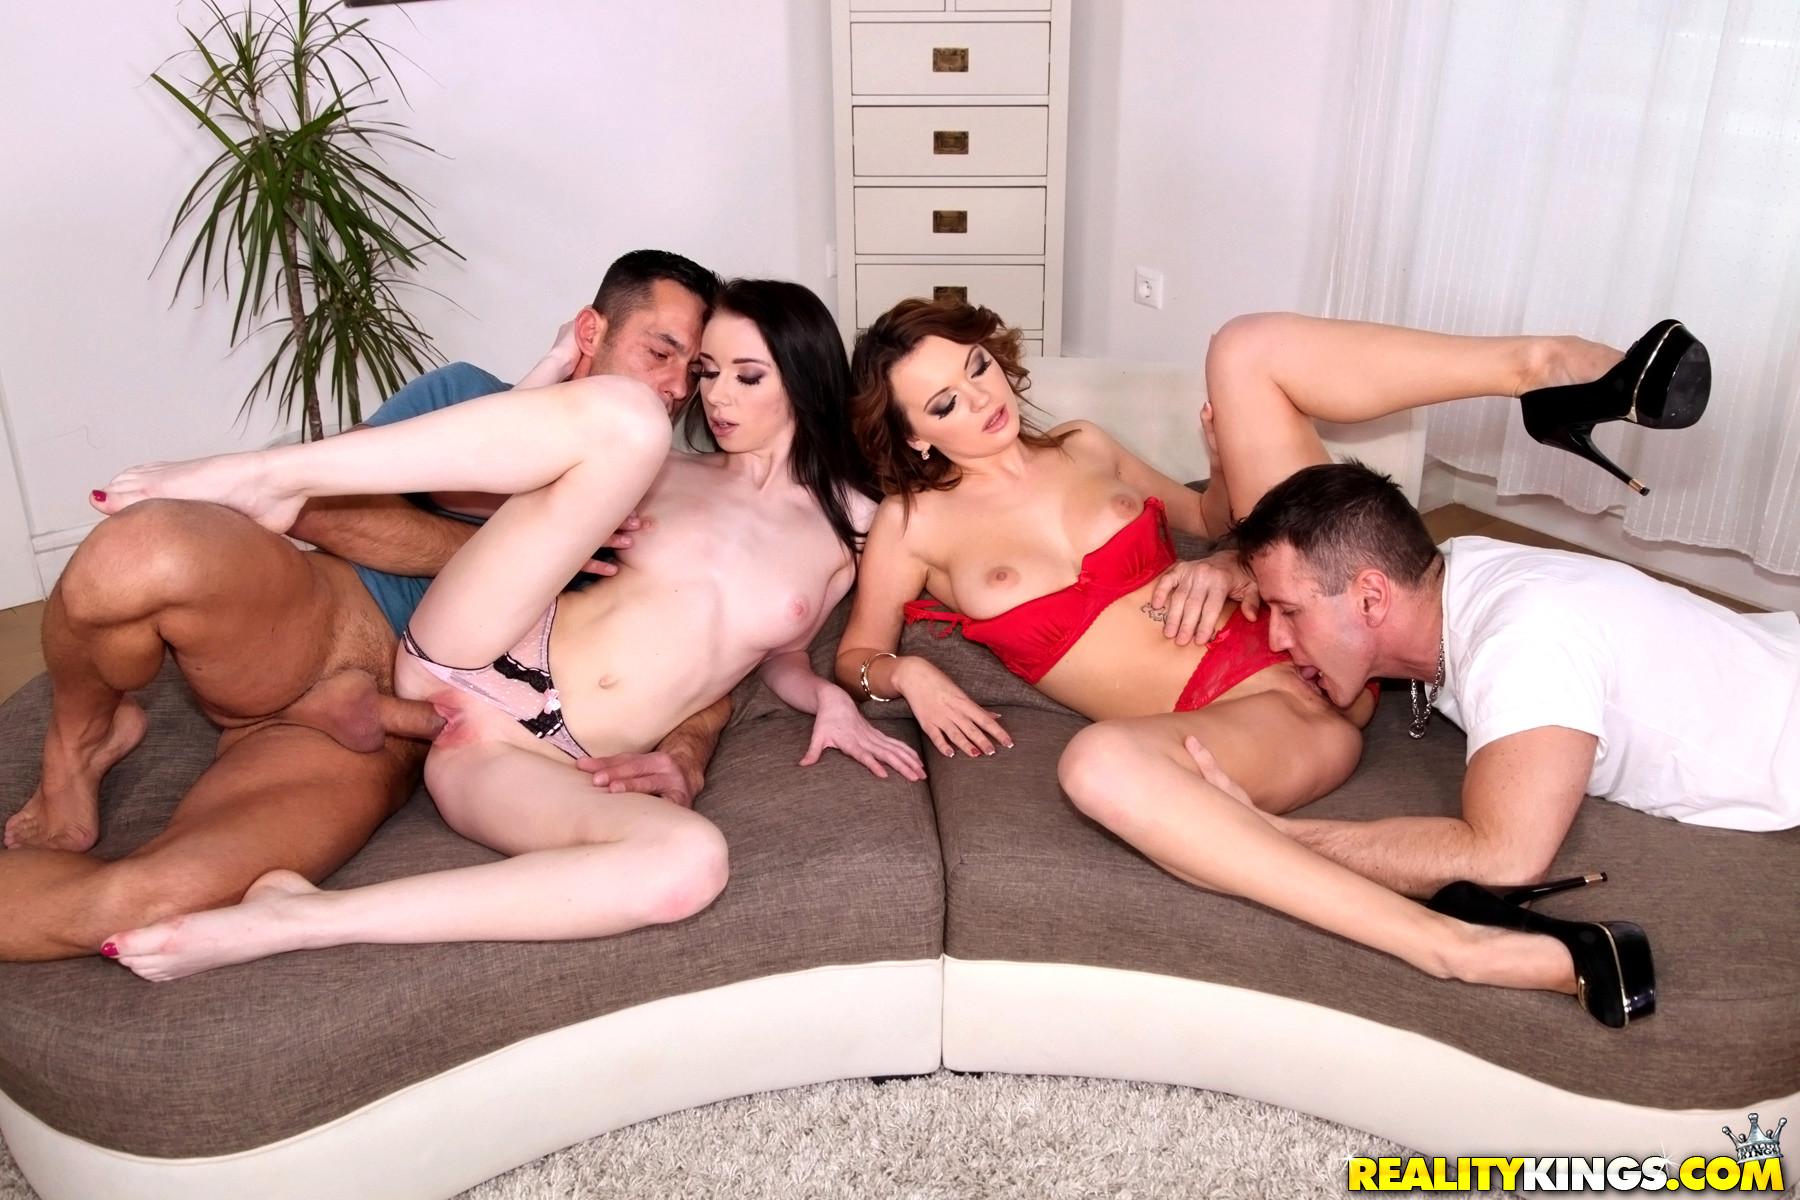 Euro sex parties foursome sex orgy